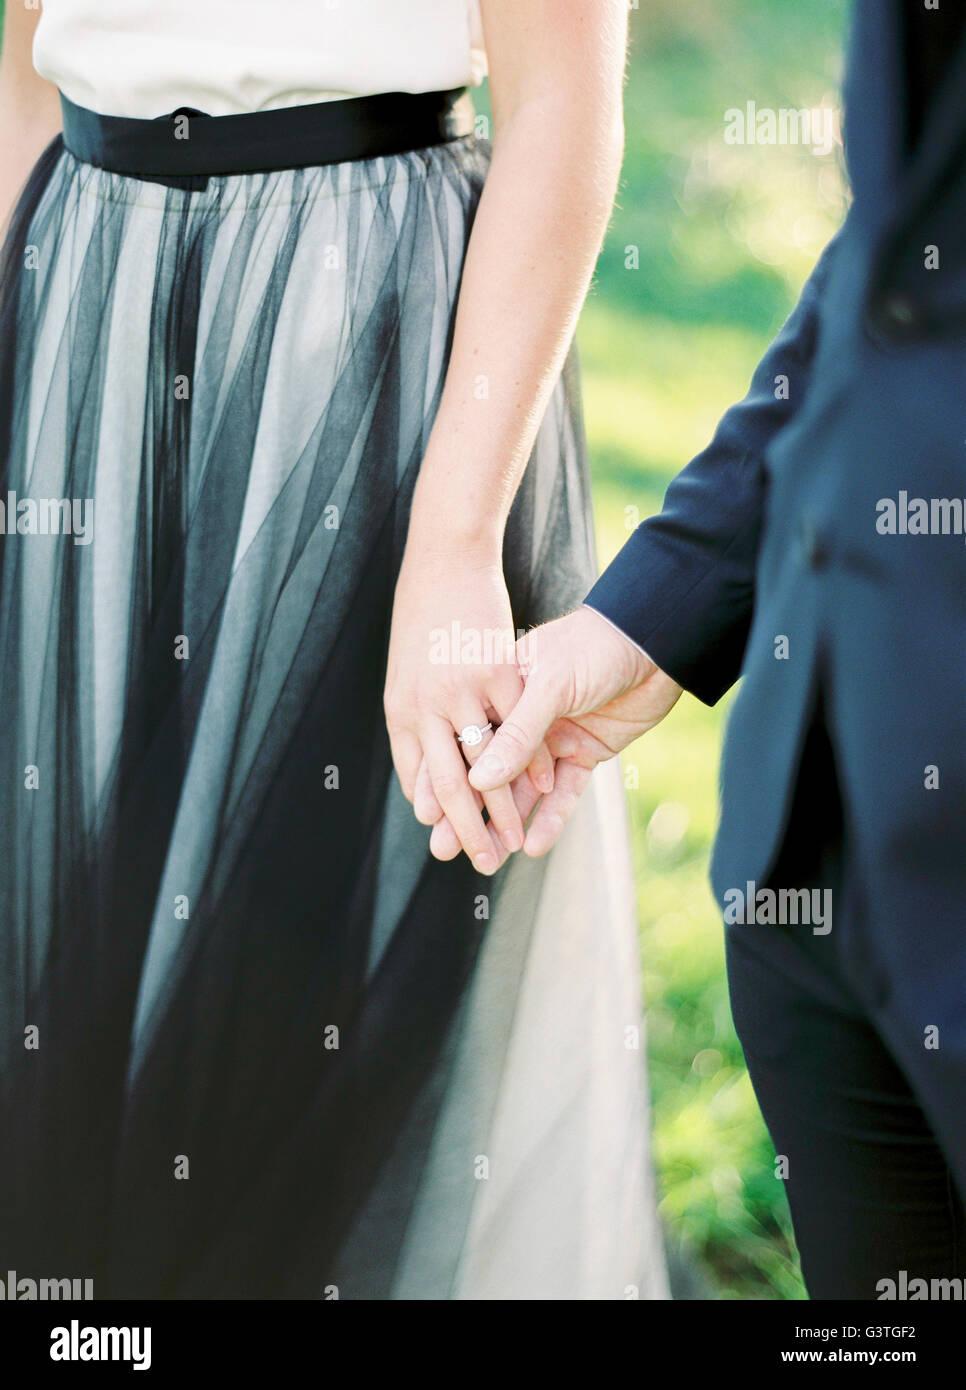 Schweden, Braut und Bräutigam Hand in Hand Stockbild